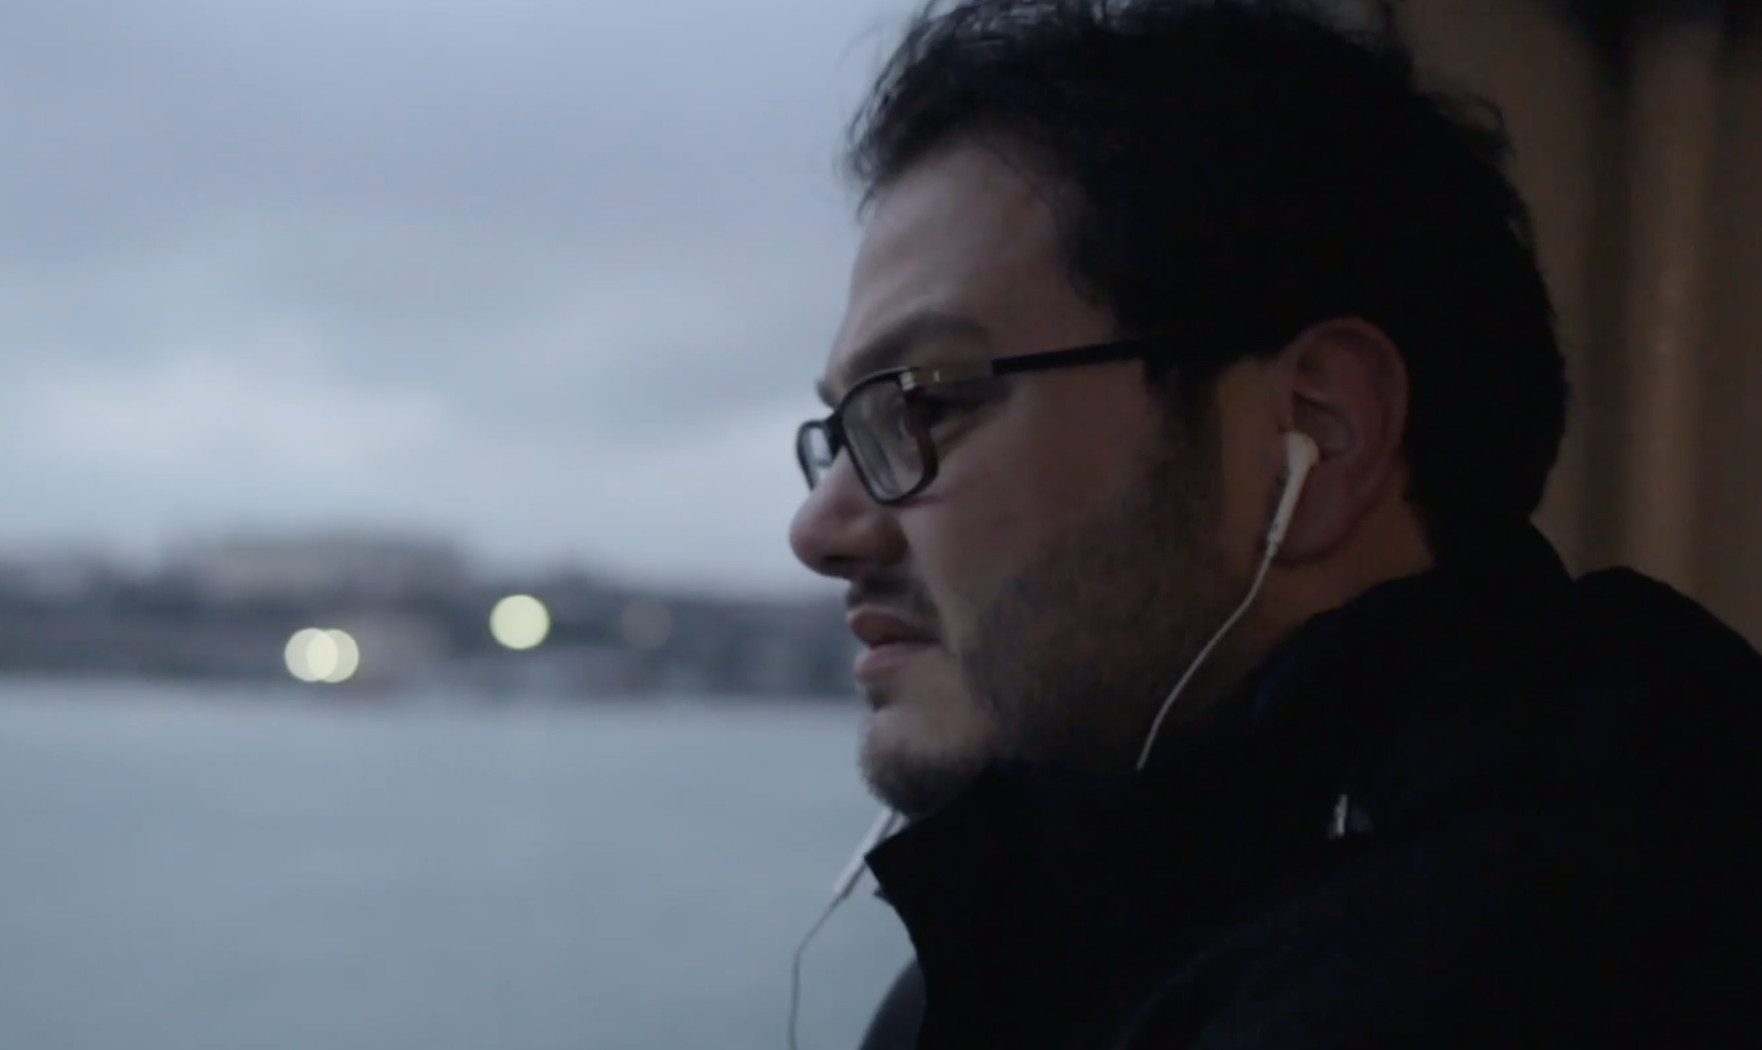 """Shadi, """"celui qui n'aimait pas lire et qui est devenu un rat de bibliothèque"""", narrateur du documentaire."""